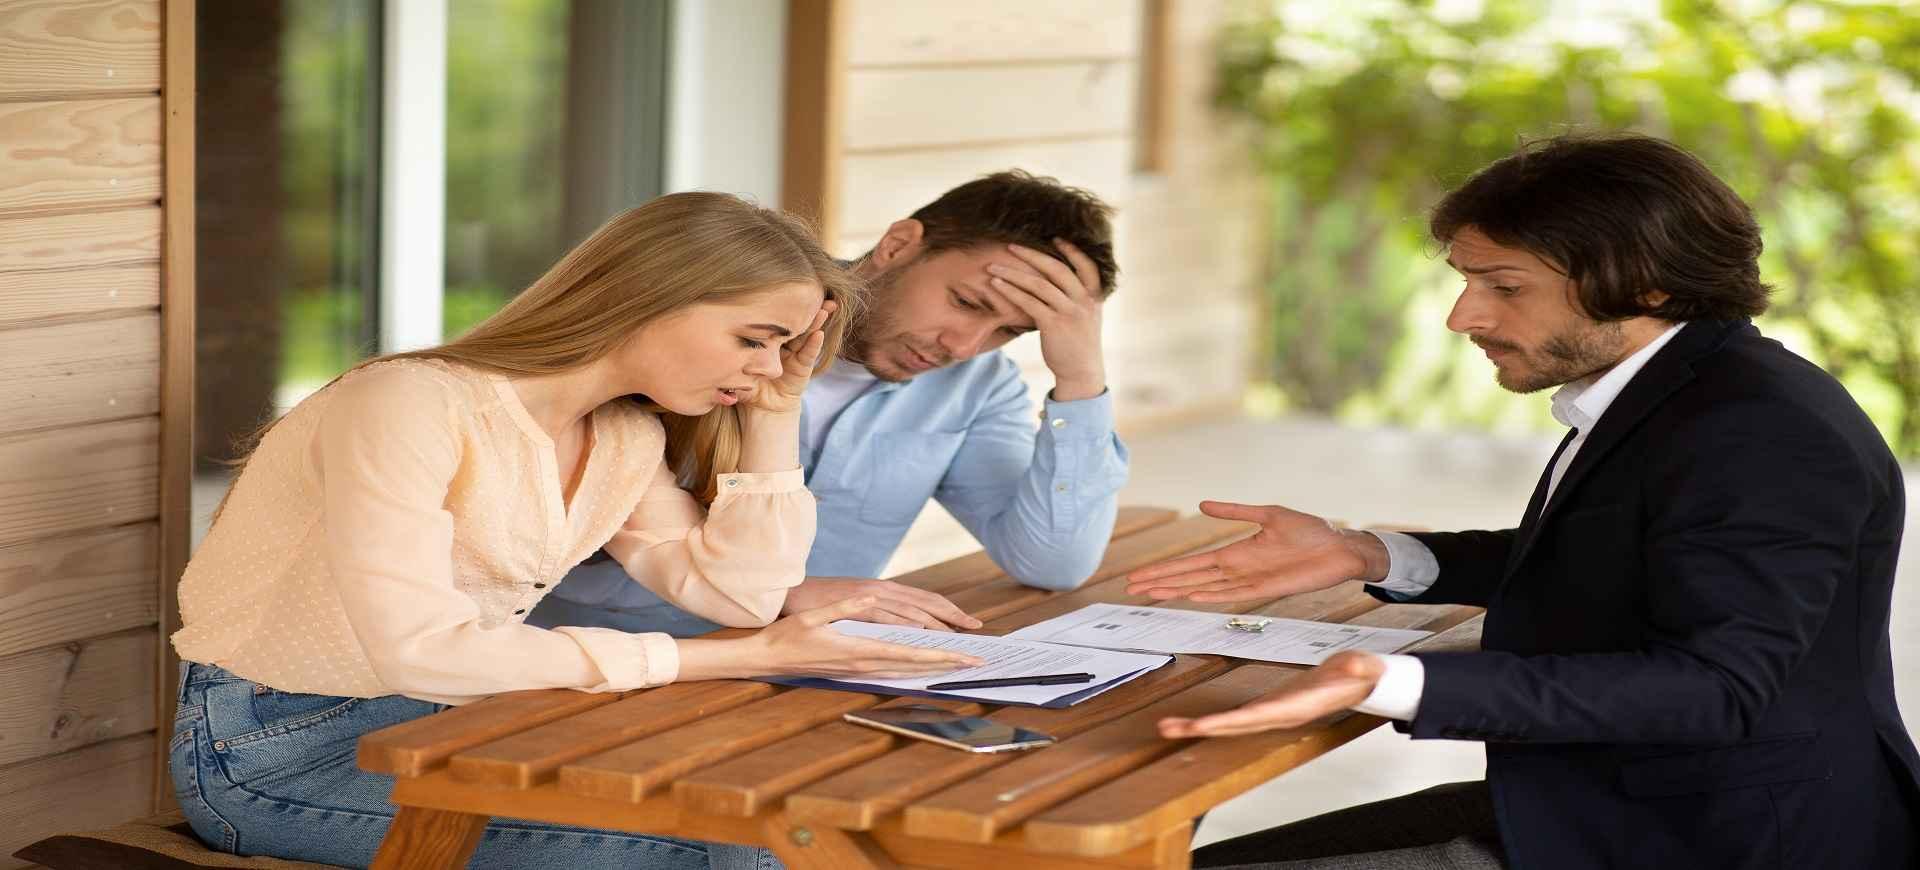 Temporary life insurance